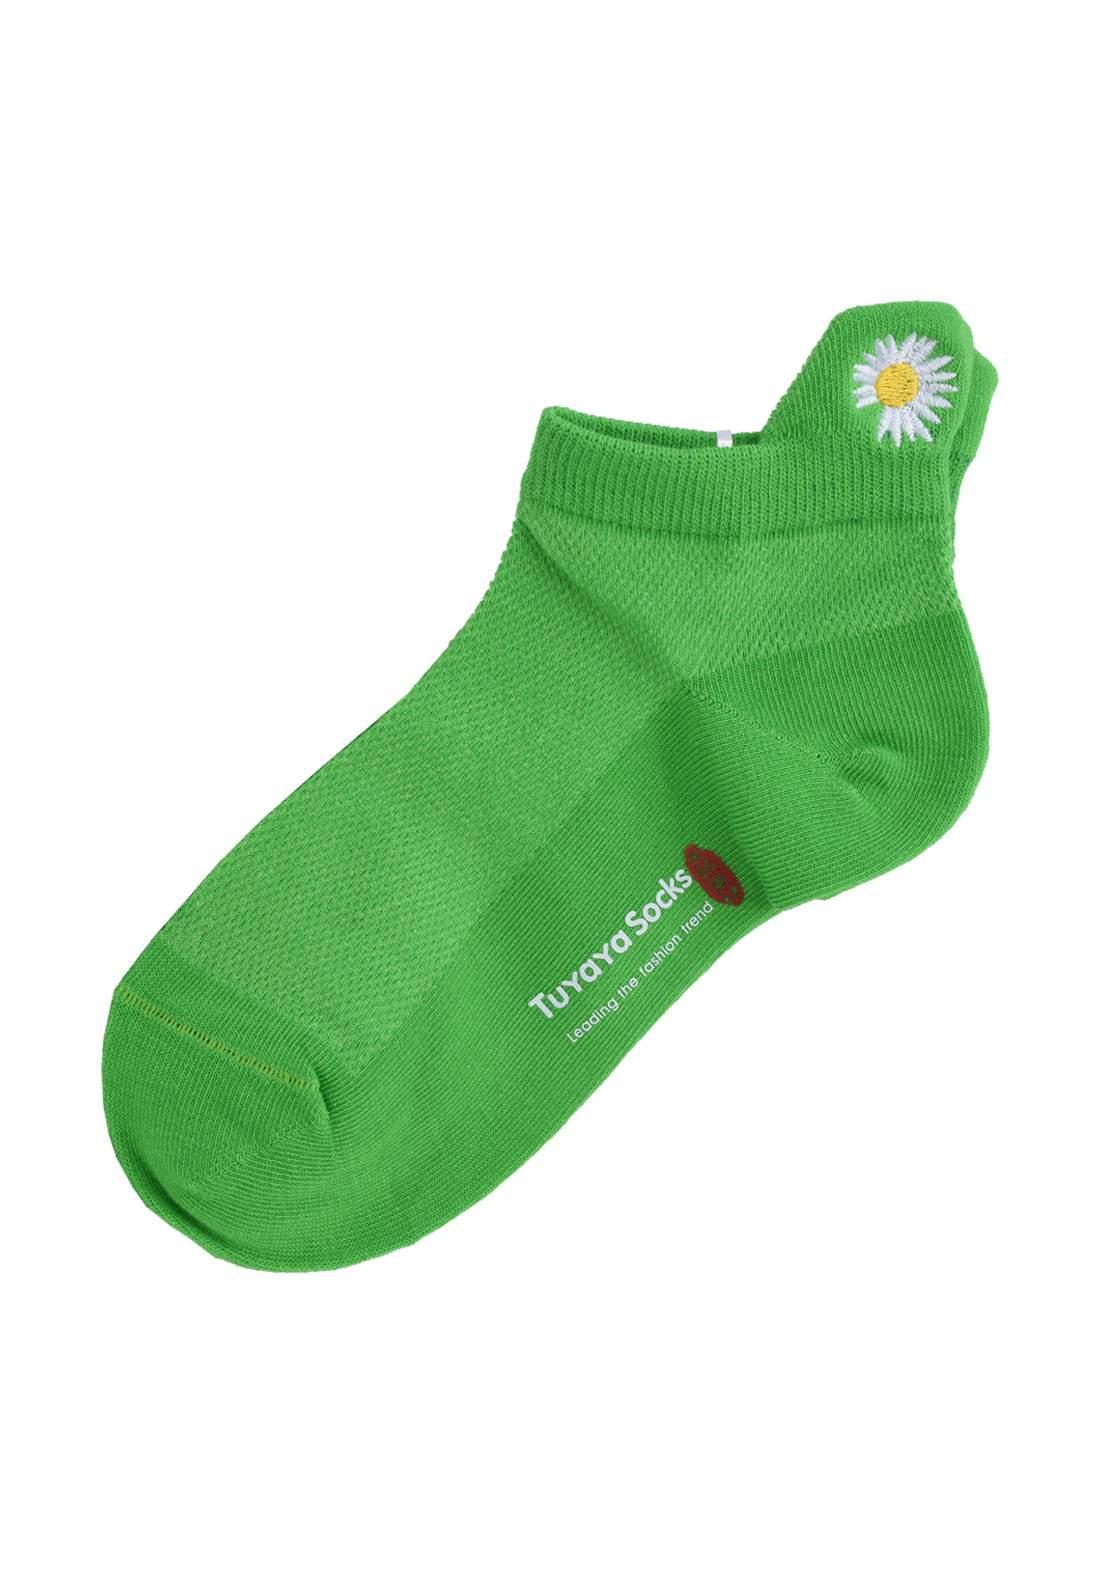 Tuyaya جوراب اطفال اخضر اللون من